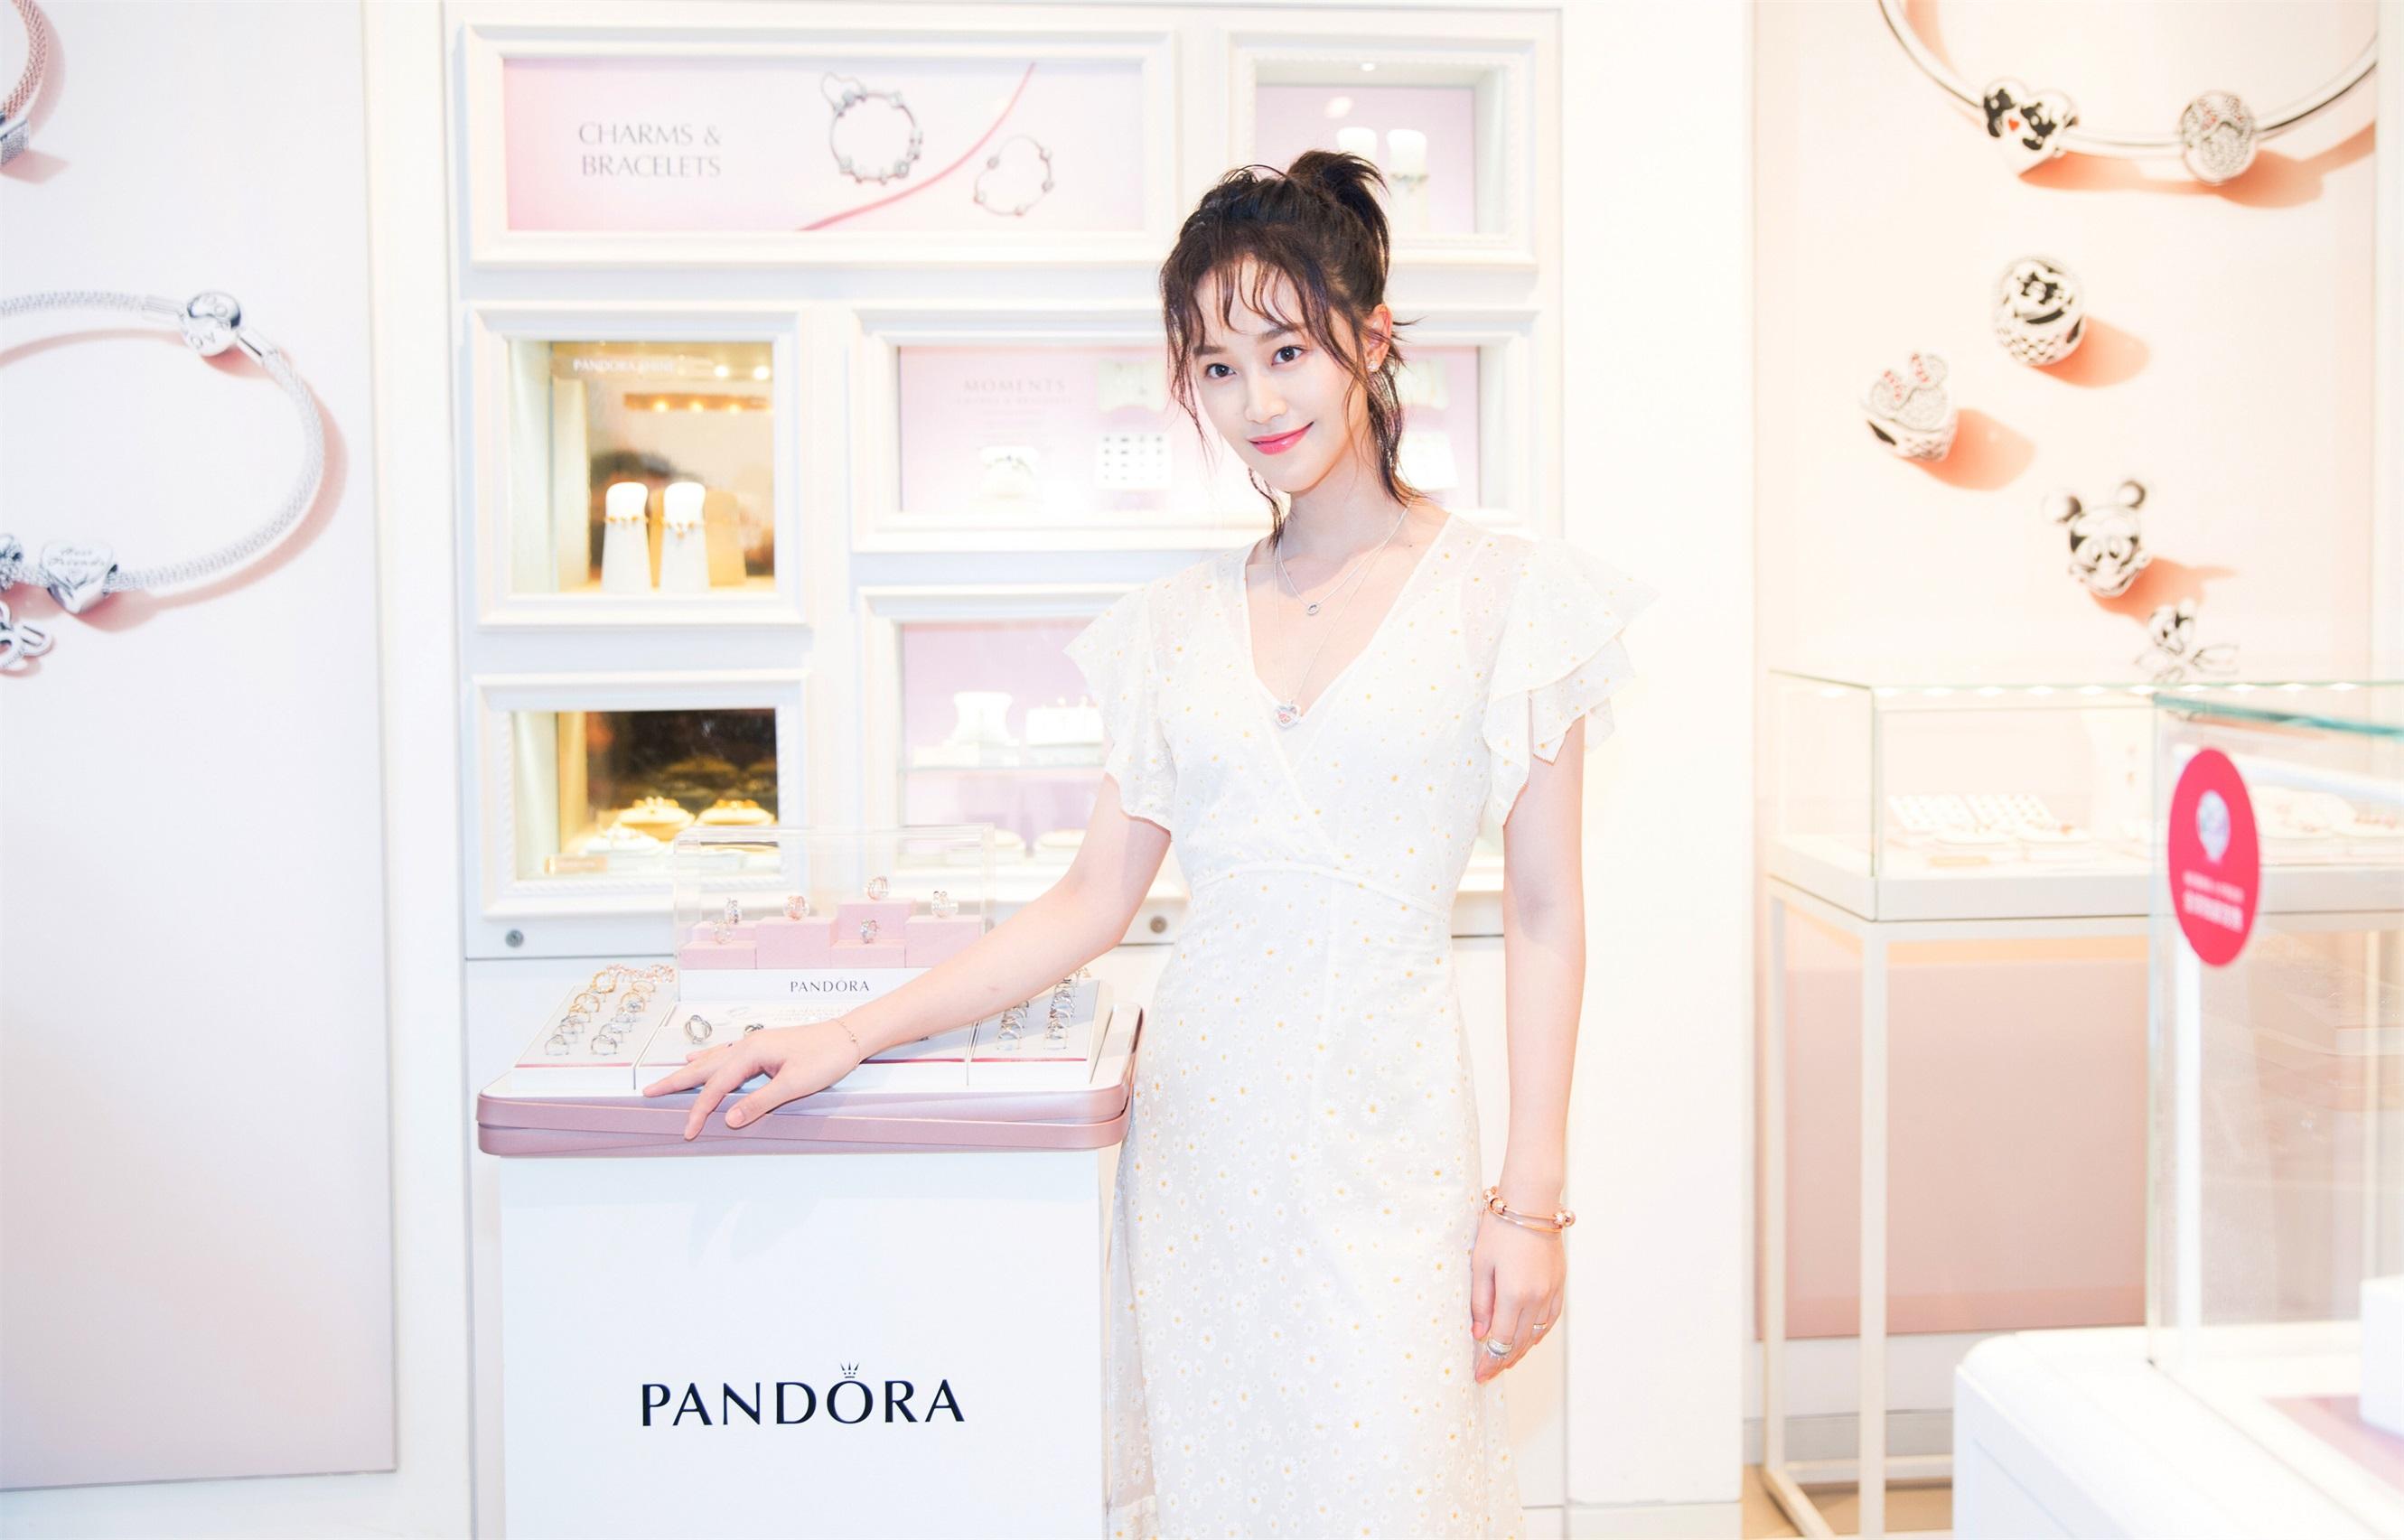 蓝盈莹出席活动造型时尚 清新优雅一展曼妙身材